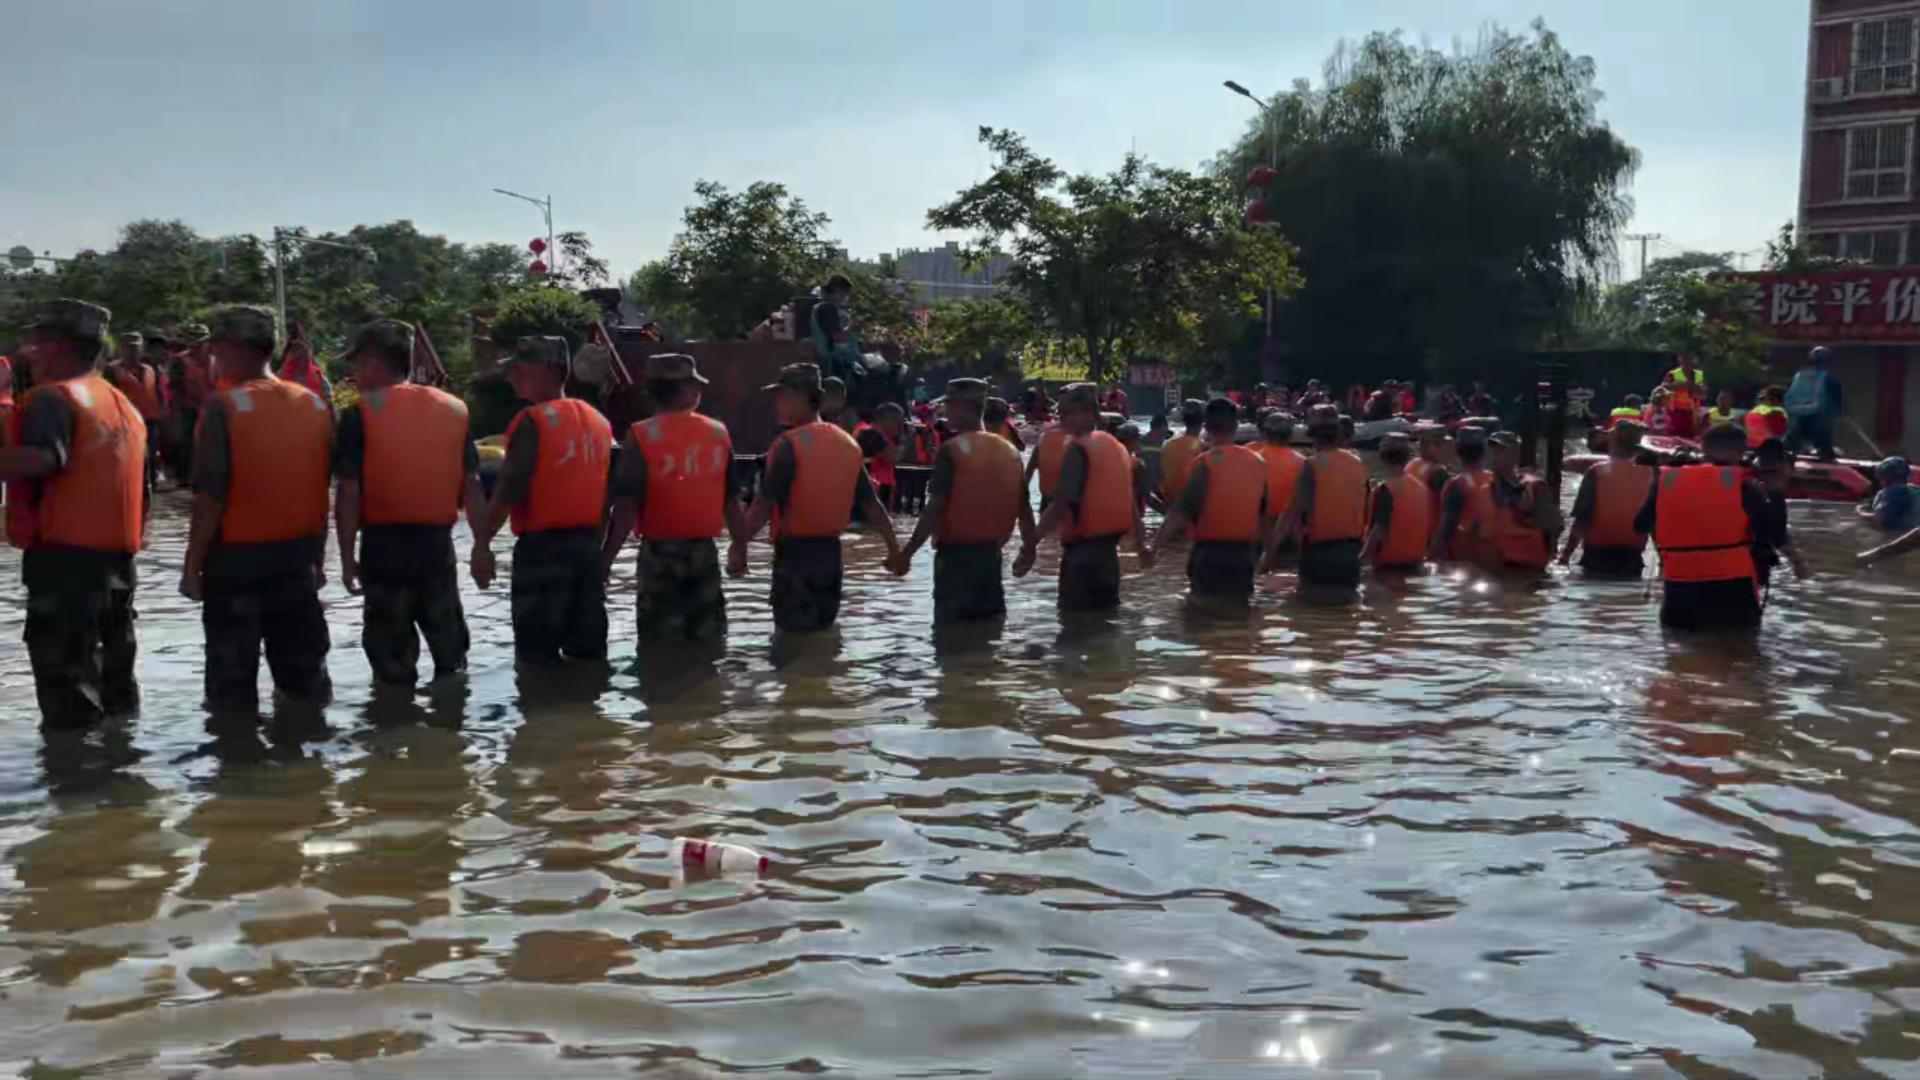 26日下午4时左右,第83集团军某工程防化旅组成人墙协助转运病人。新京报记者 王瑞文 摄